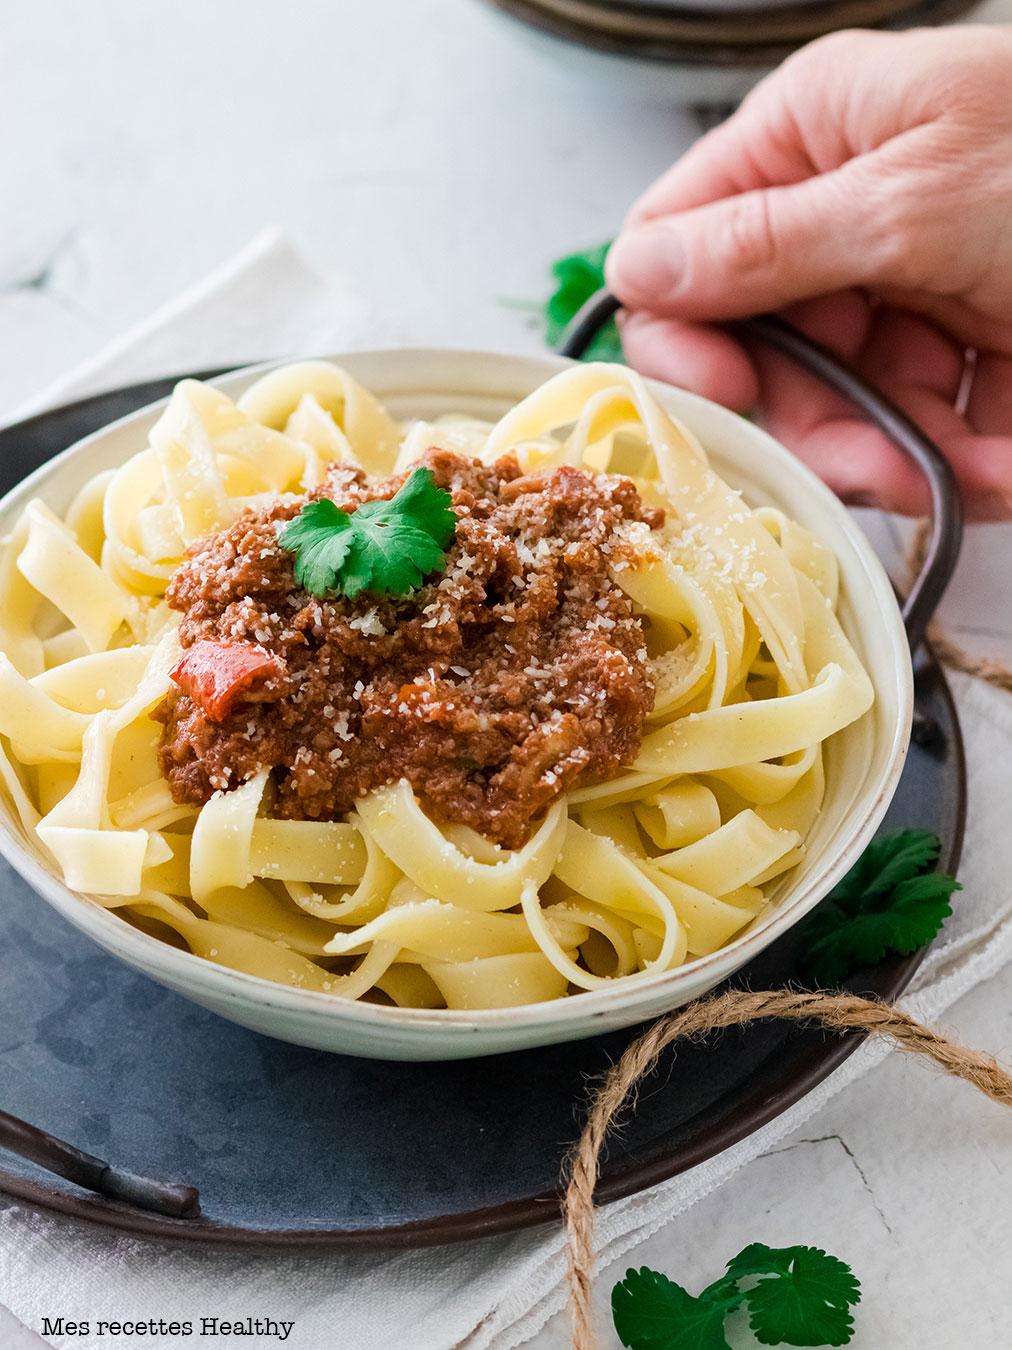 recette healthy-bolognaise maison-pate bolognaise-bolognaise facile